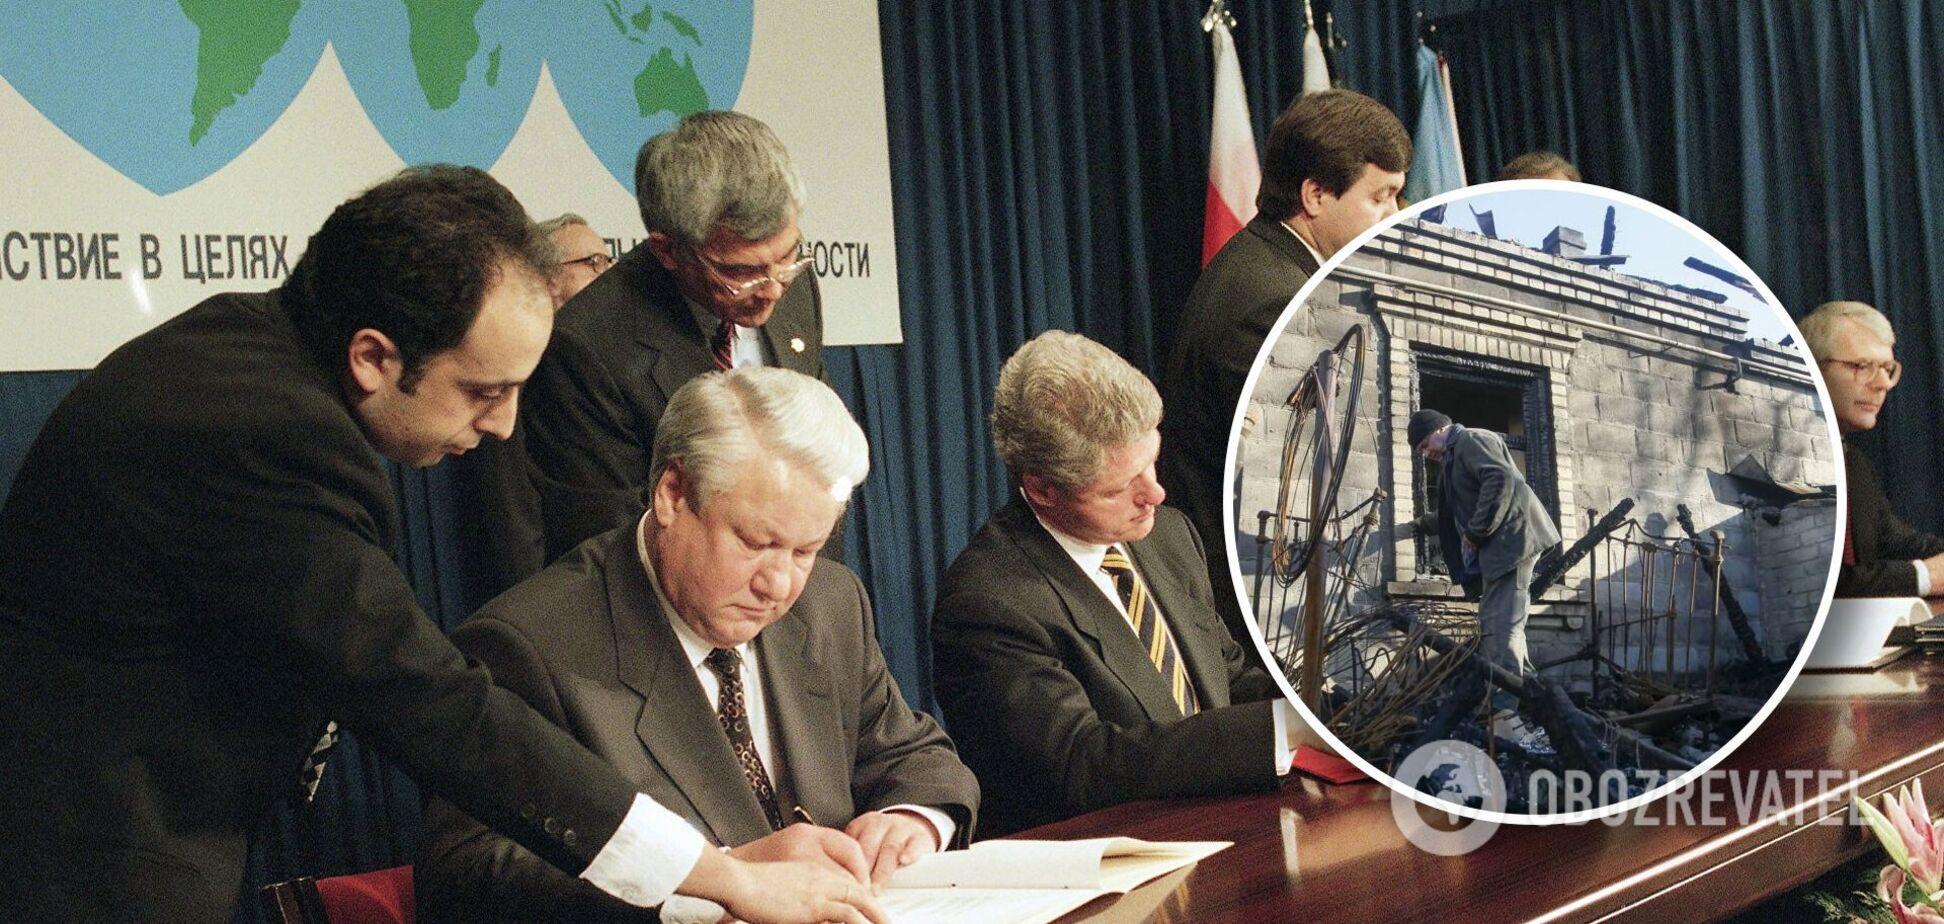 Будапештскому меморандуму уже 26 лет. Зачем мы отказались от ядерного оружия и почему Украину не спасли от РФ